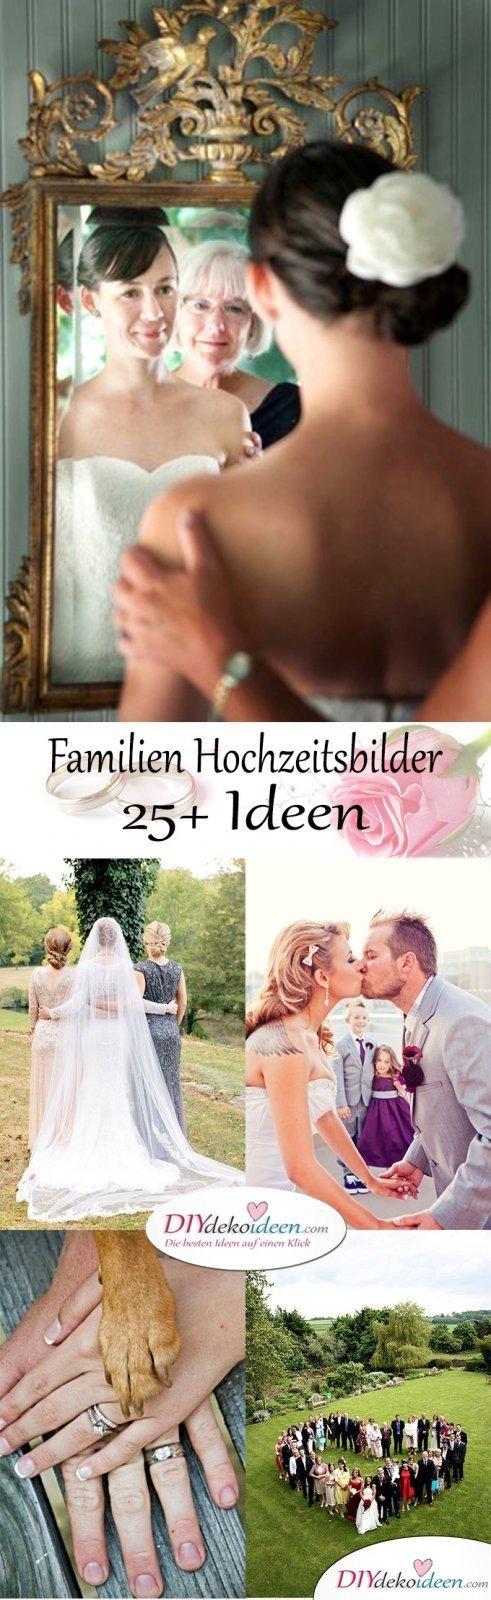 Familien Hochzeitsbilder fürs Album